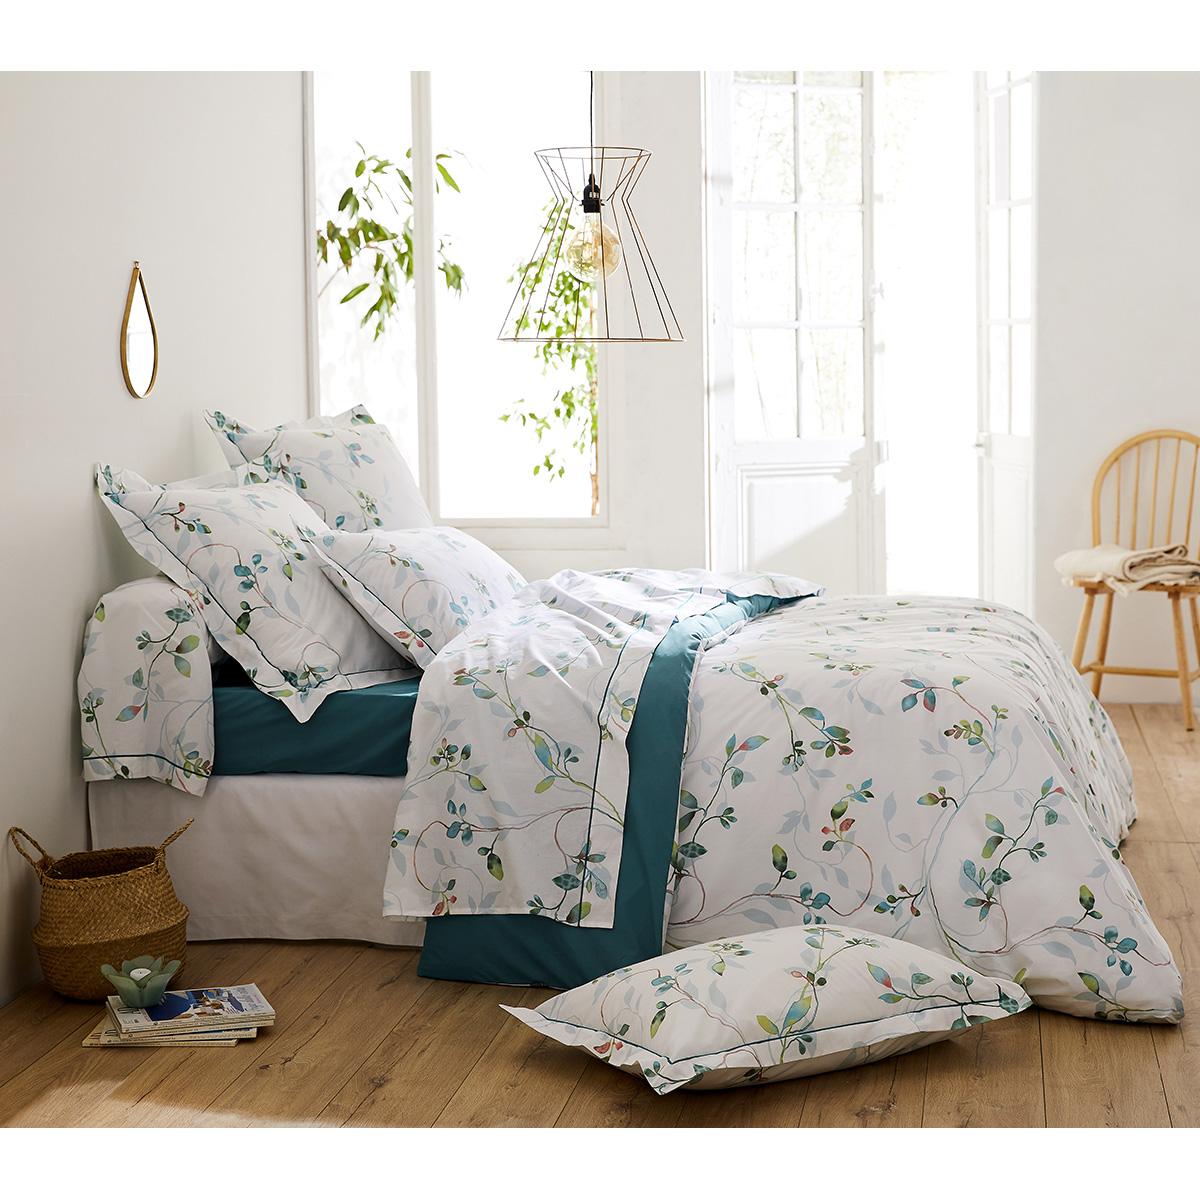 Parure de lit imprimée fleurs en aquarelle (Blanc)